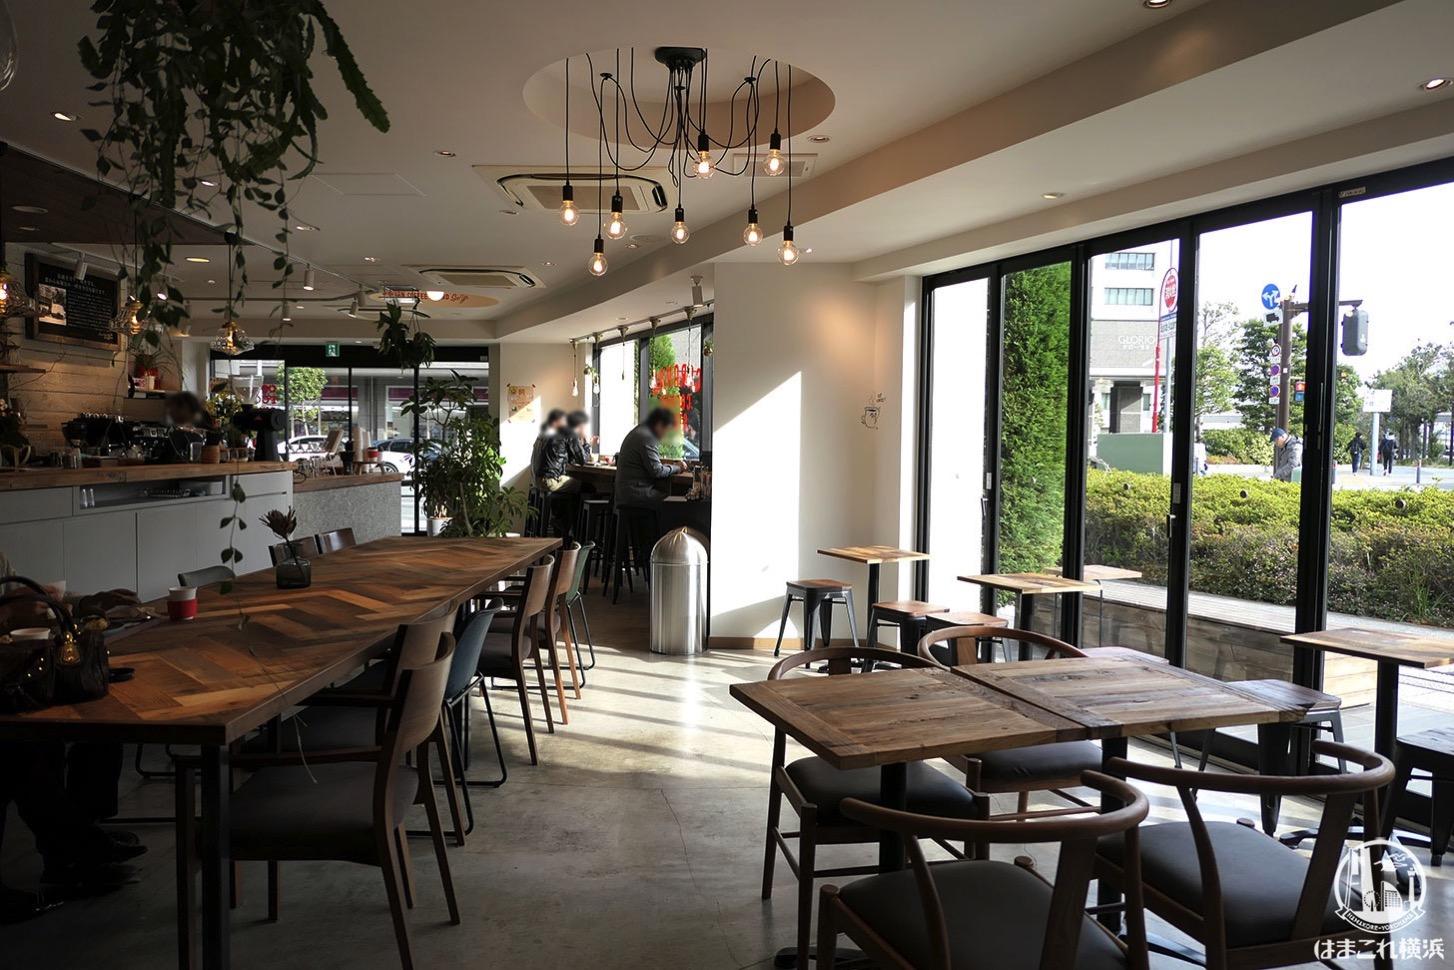 キャラバンコーヒースタンド 店内雰囲気・店内席